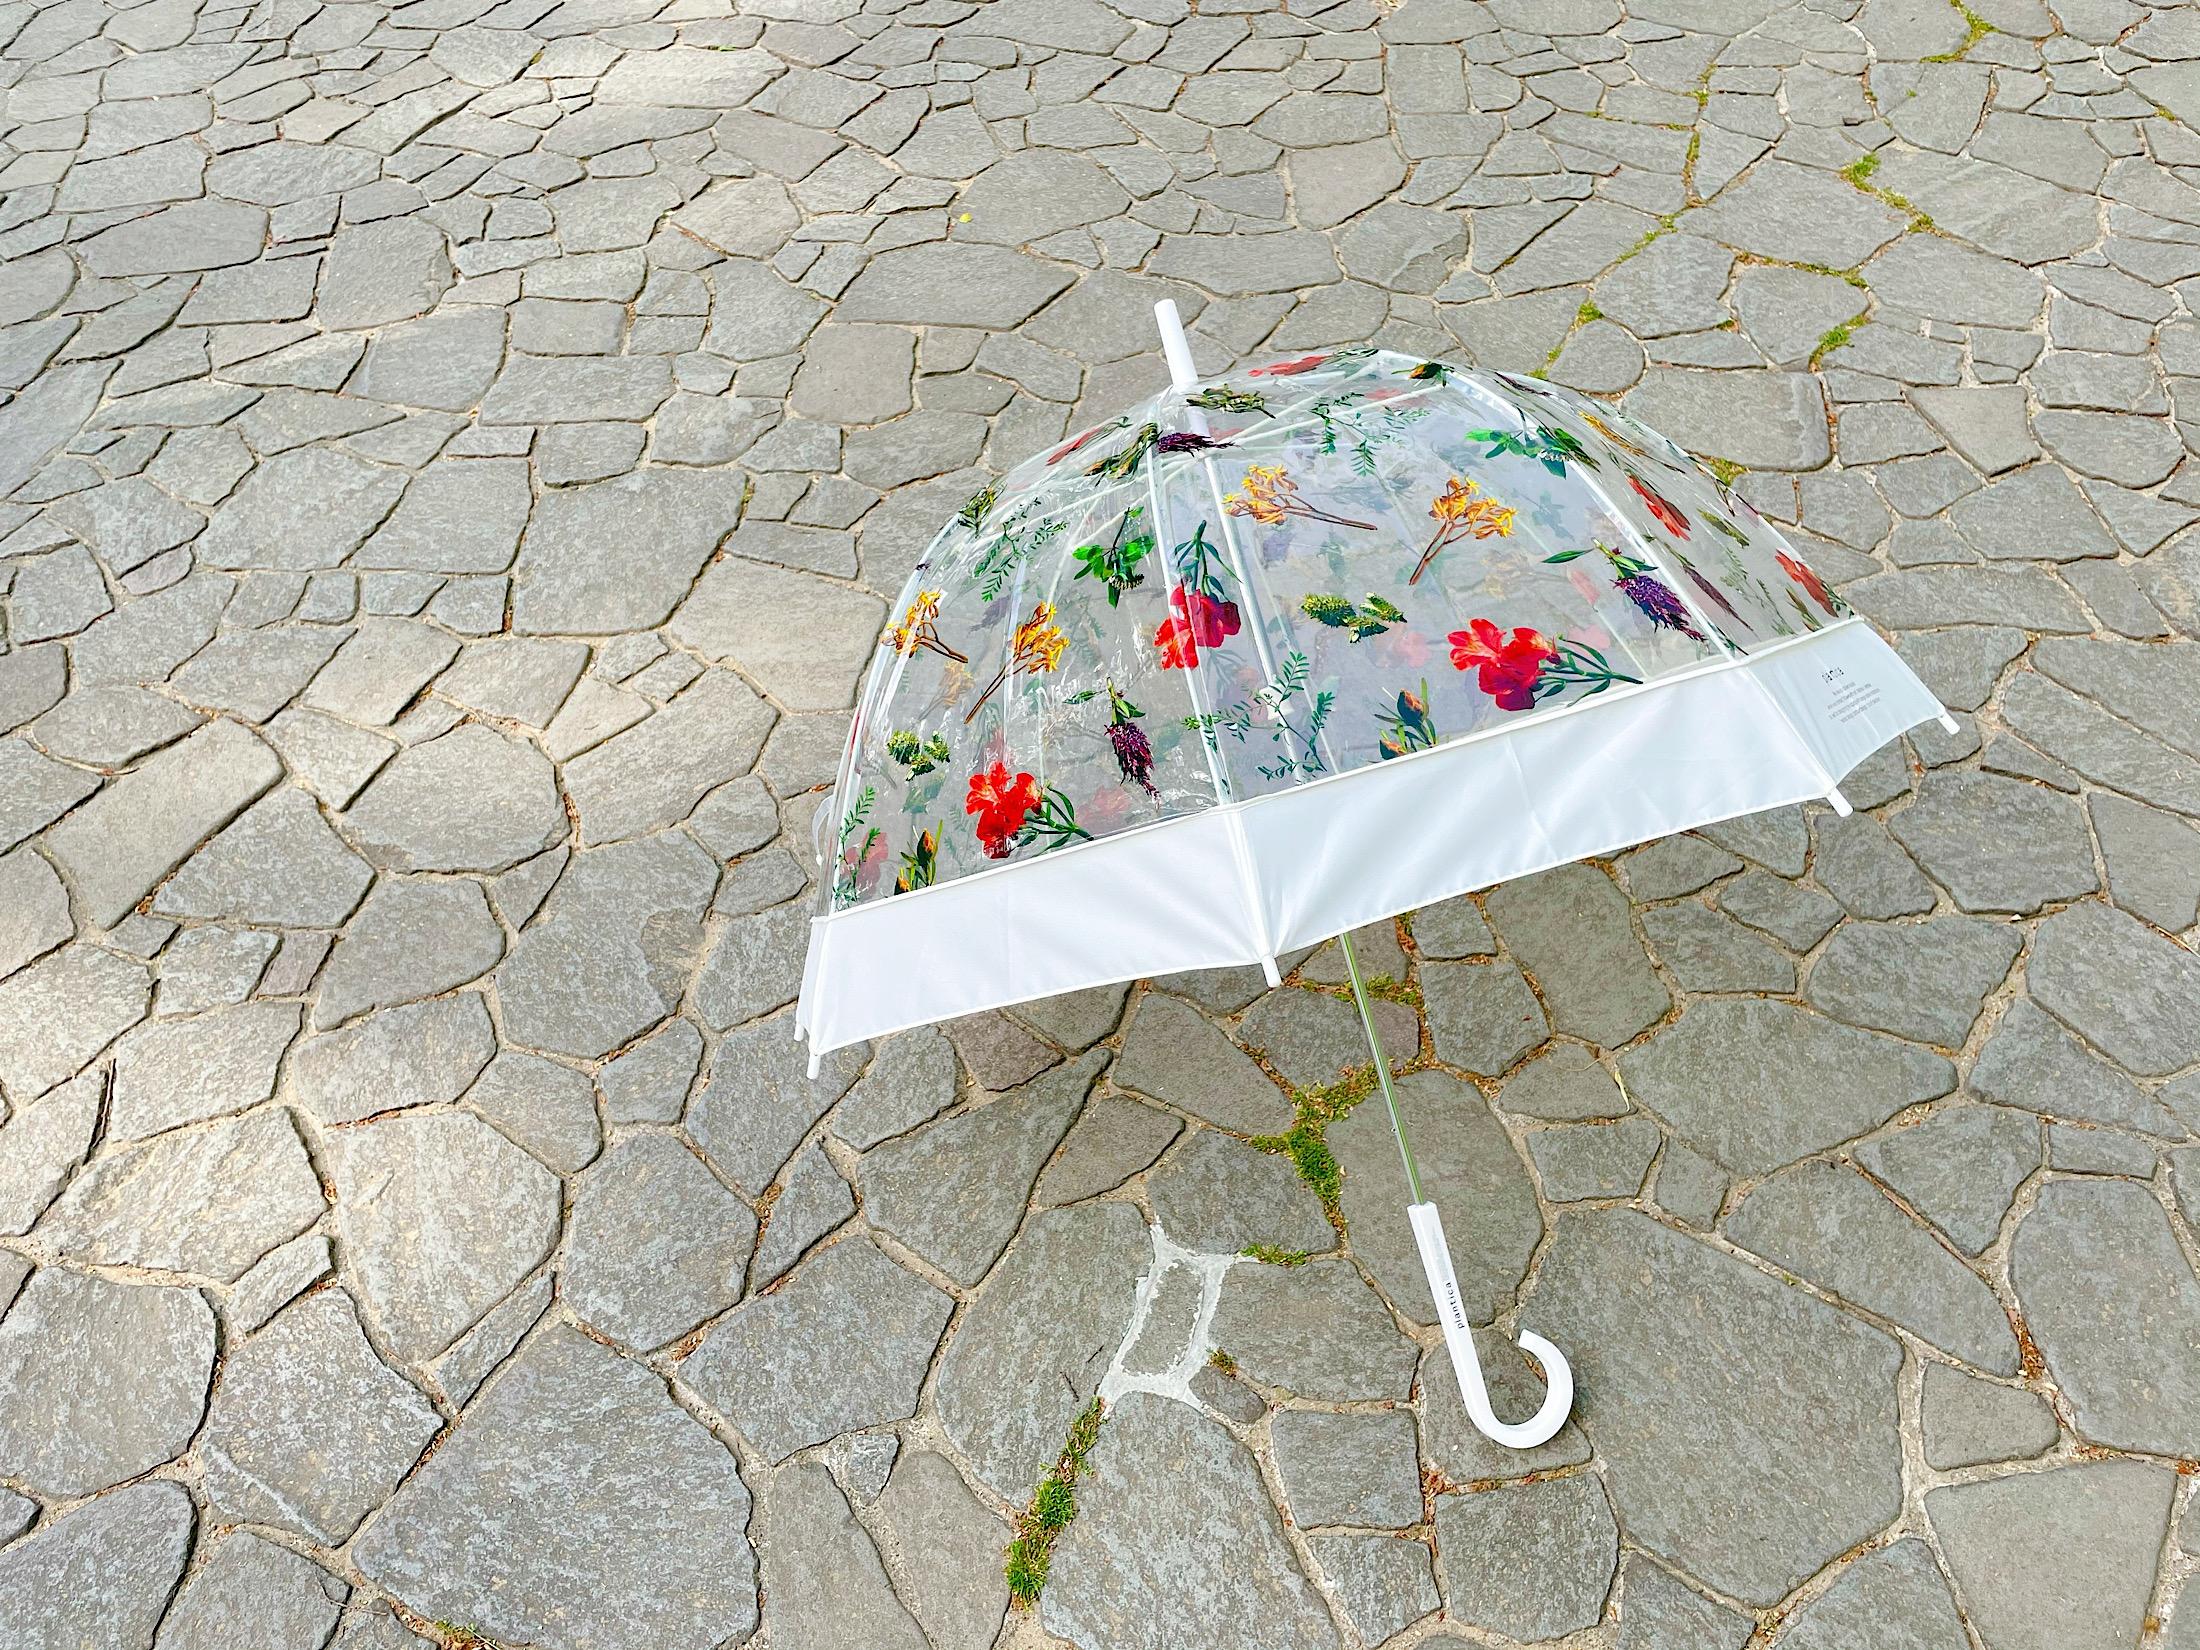 【雨空に花が咲く!?】《フラワーアートとコラボした傘》がおすすめ♡_4